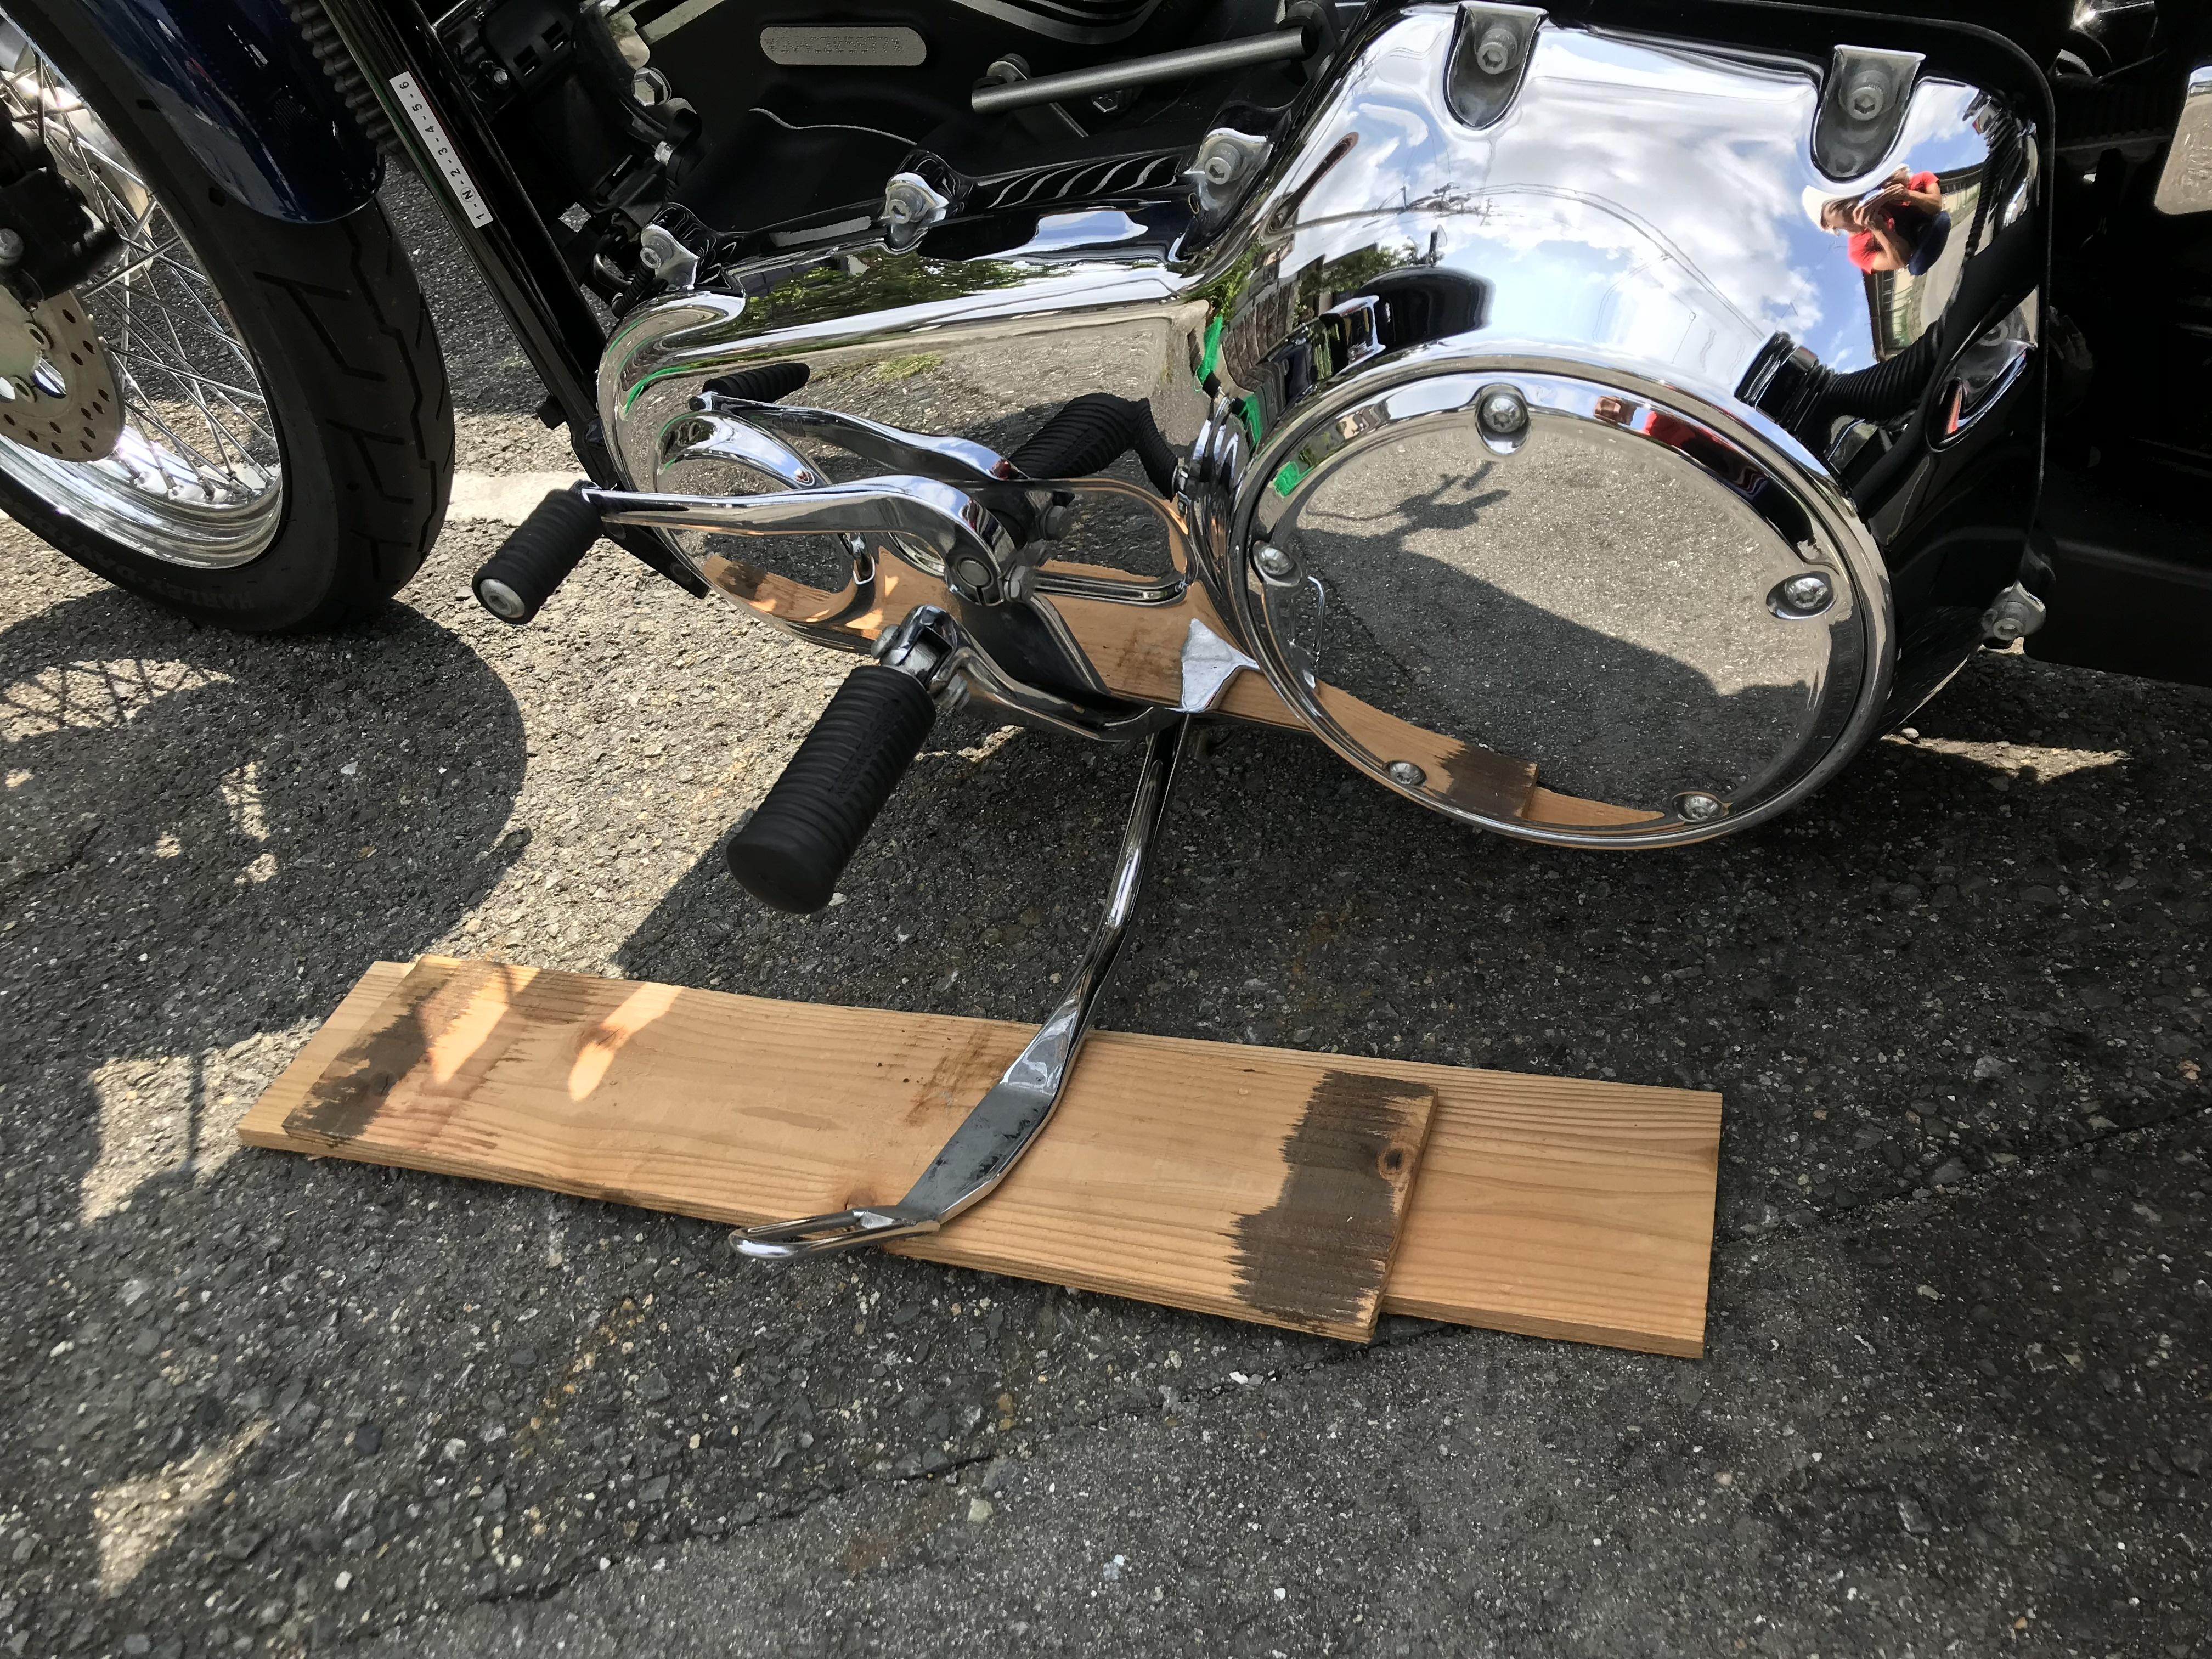 ハーレー ダービーカバー 交換 木片でバイクを水平